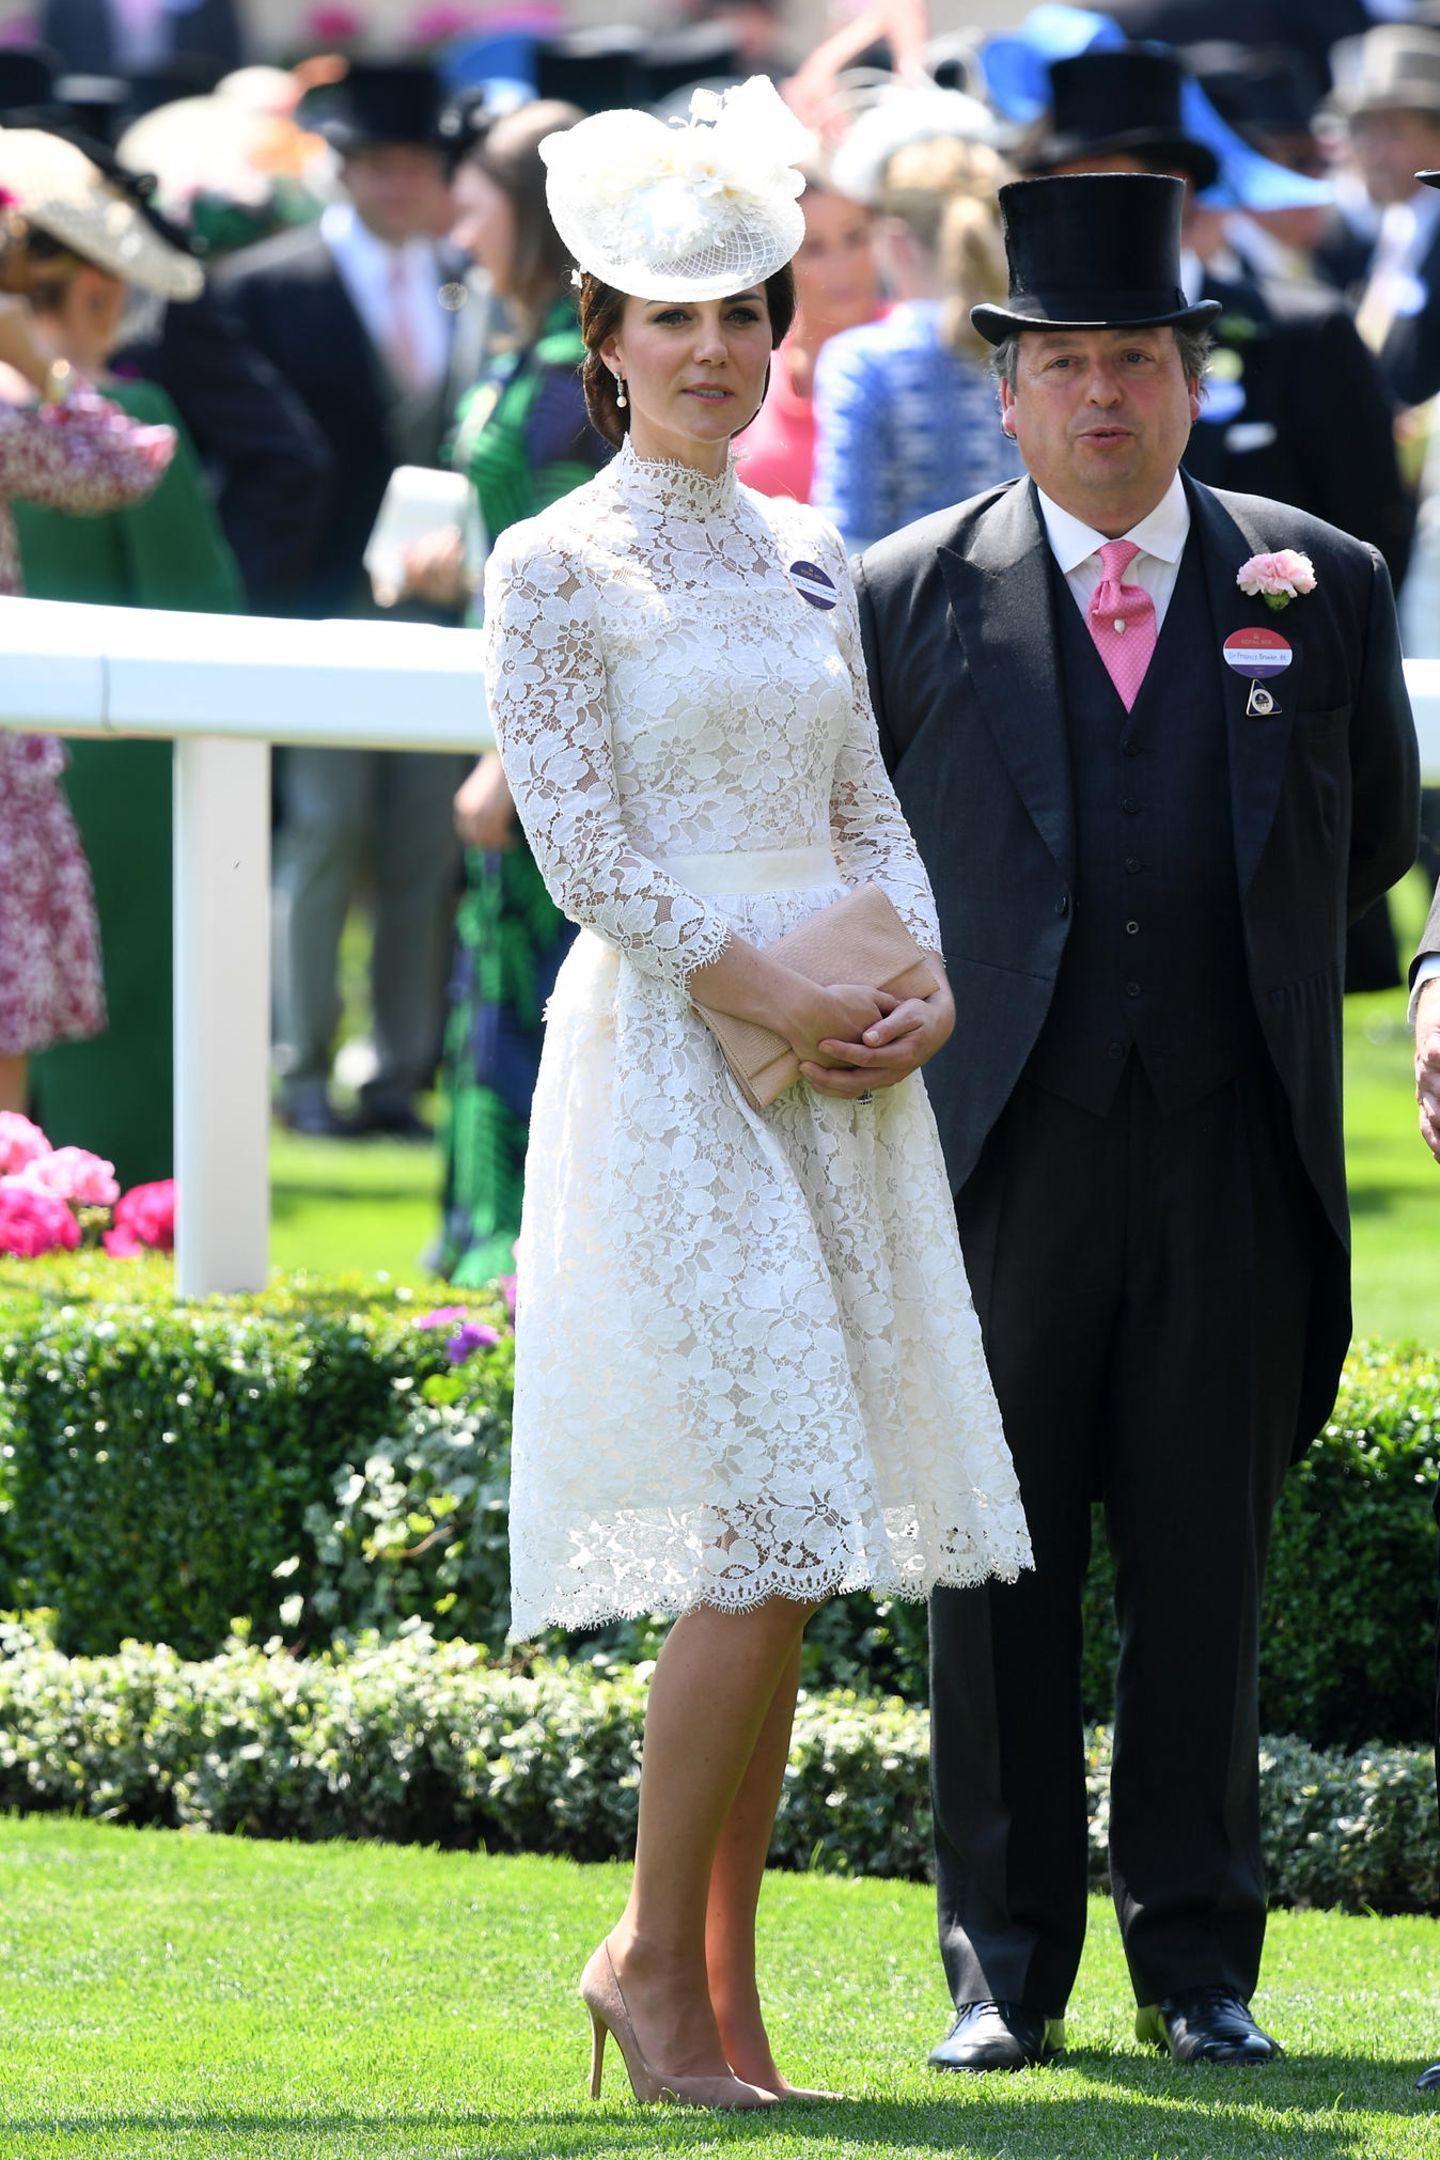 2017 istKate ihrem Ascot-Look treu geblieben. Wie bereits bei ihrem Debüt im Jahr 2016, trug die Ehefrau von Prinz William bei dem Pferderennen im britischen Ort Ascot erneut ein weißes Kleid aus Spitze. Ob Meghan das nächste Mal ebenfalls zu einem weißen Kleid greifen wird, sehen wir dann hoffentlich im nächsten Jahr.